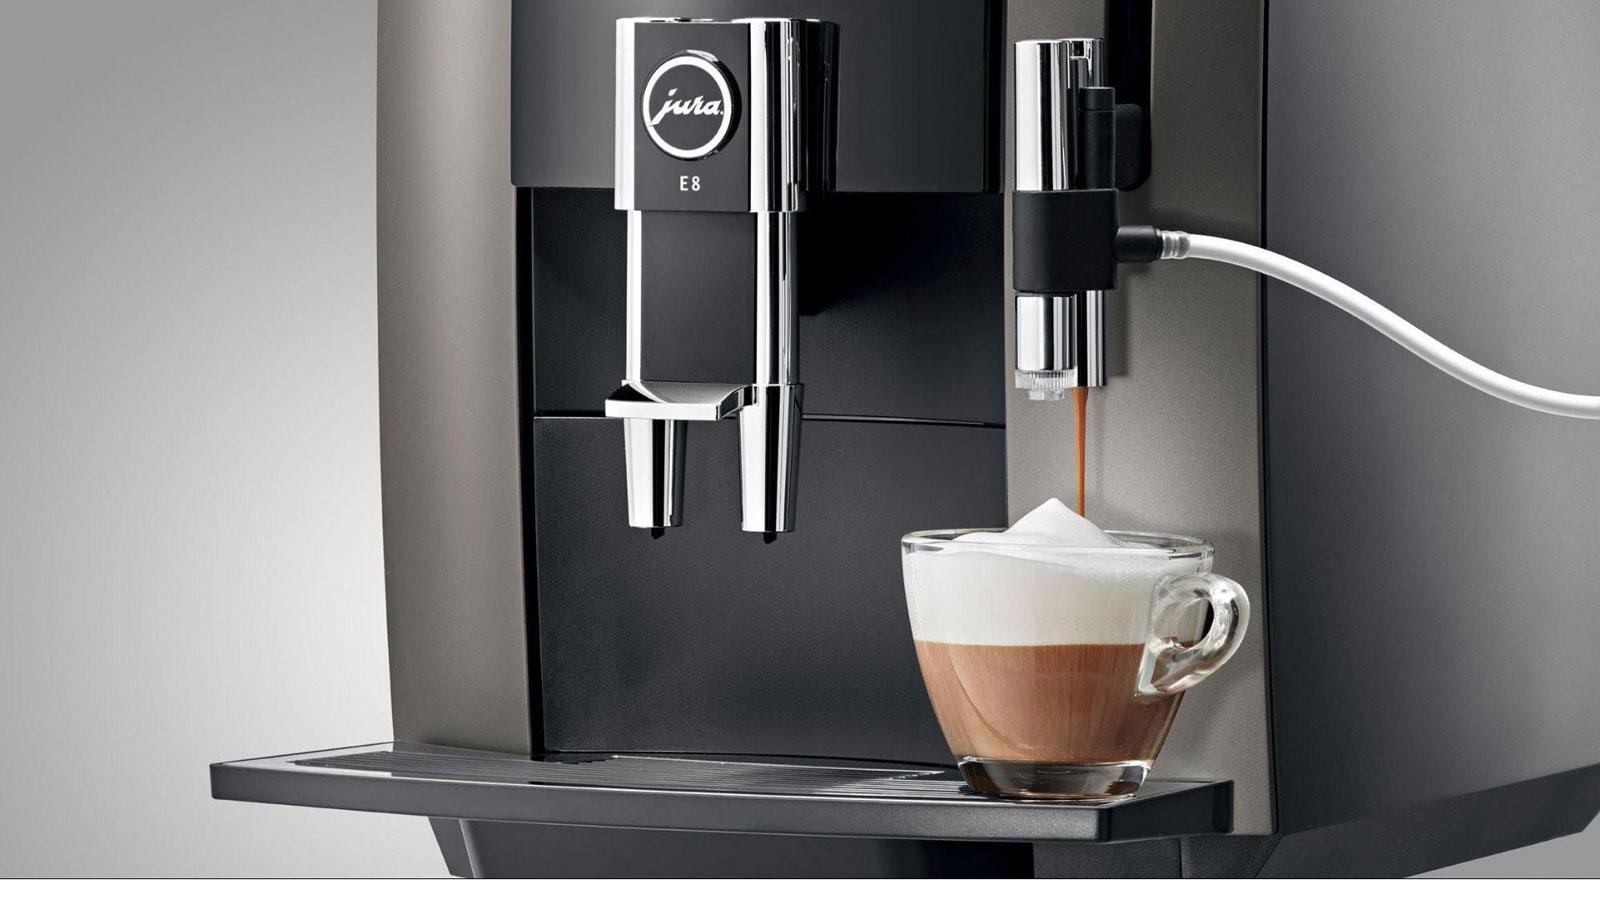 Relativ JURA-Kaffeemaschine: So reinigen Sie das Milchsystem | UPDATED IQ22